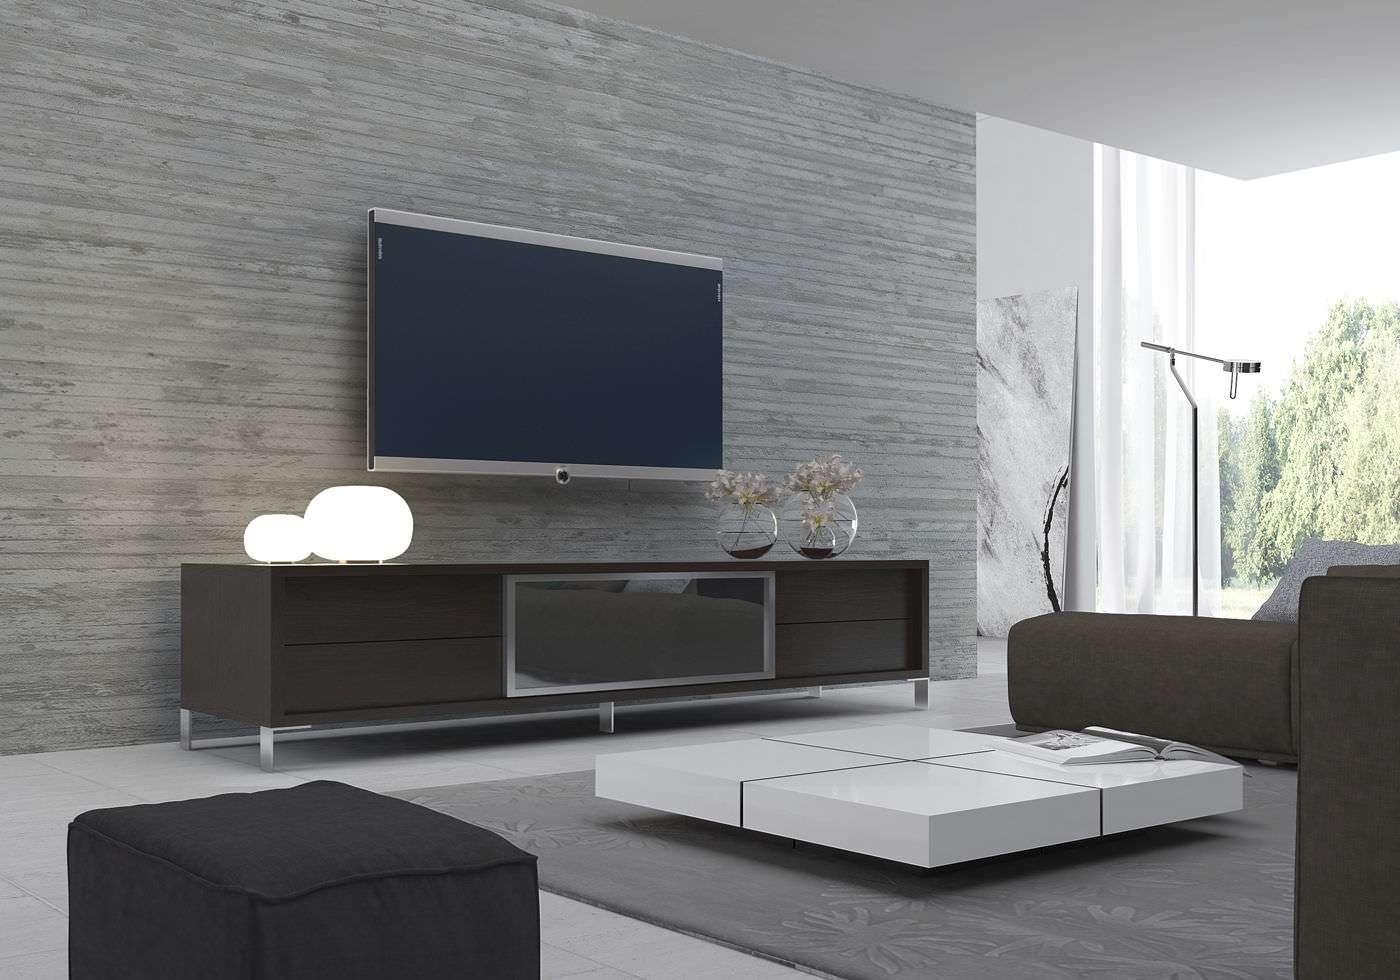 Contemporary Tv Cabinet / Wooden – Lexington – Modloft In Contemporary Tv Cabinets (View 7 of 20)